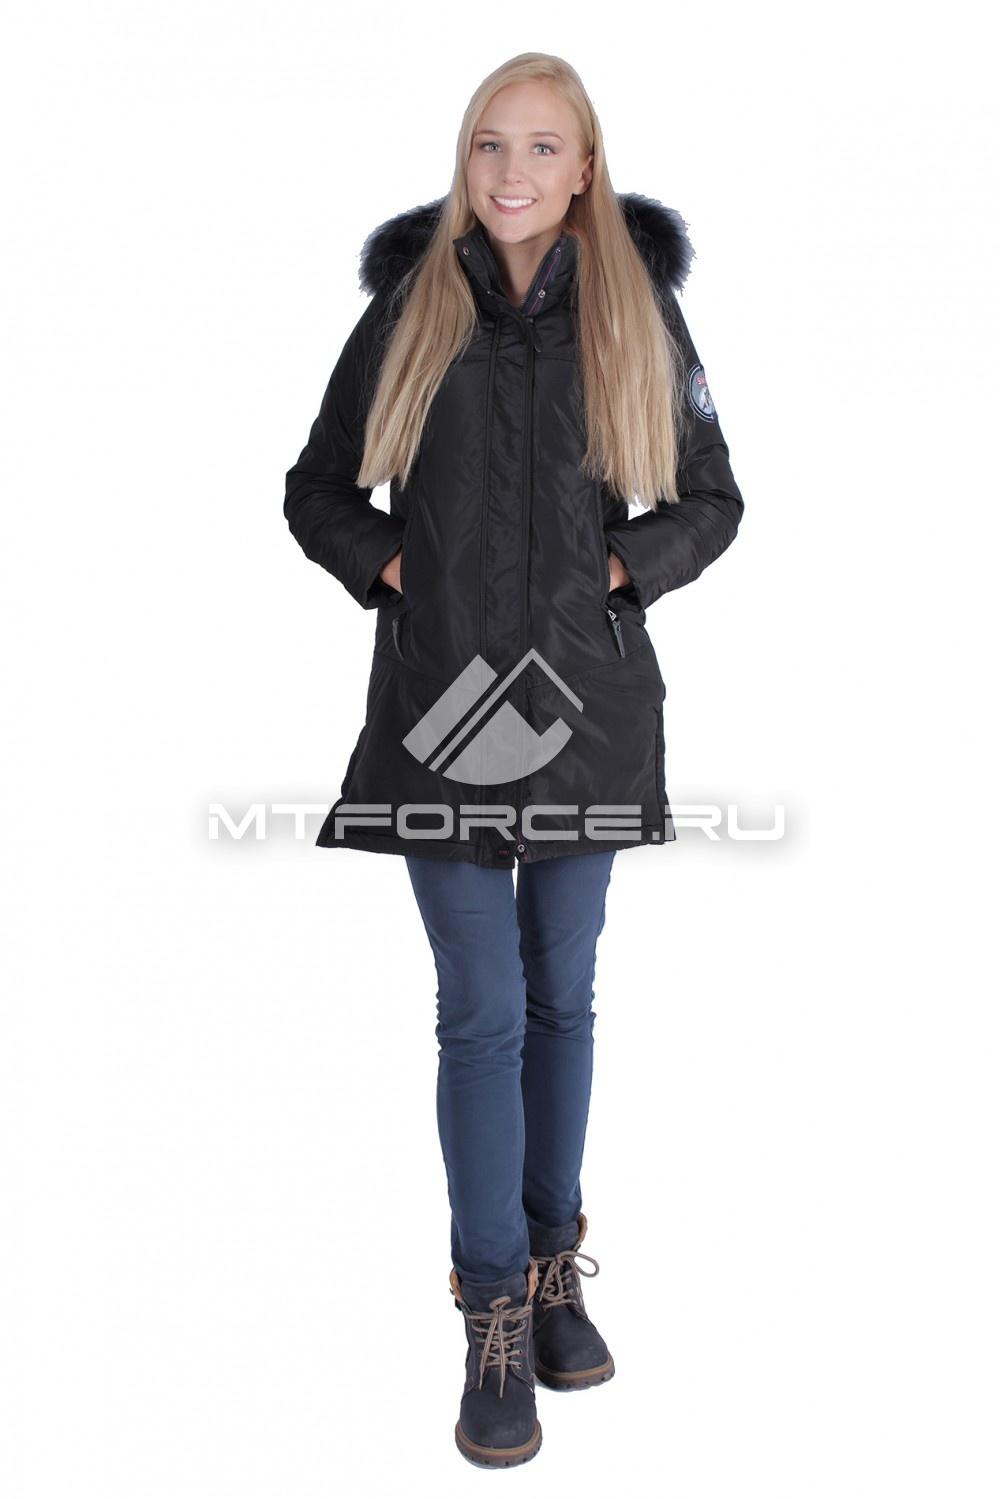 Купить                                  оптом Итальянская куртка женская черного цвета 1686Ch